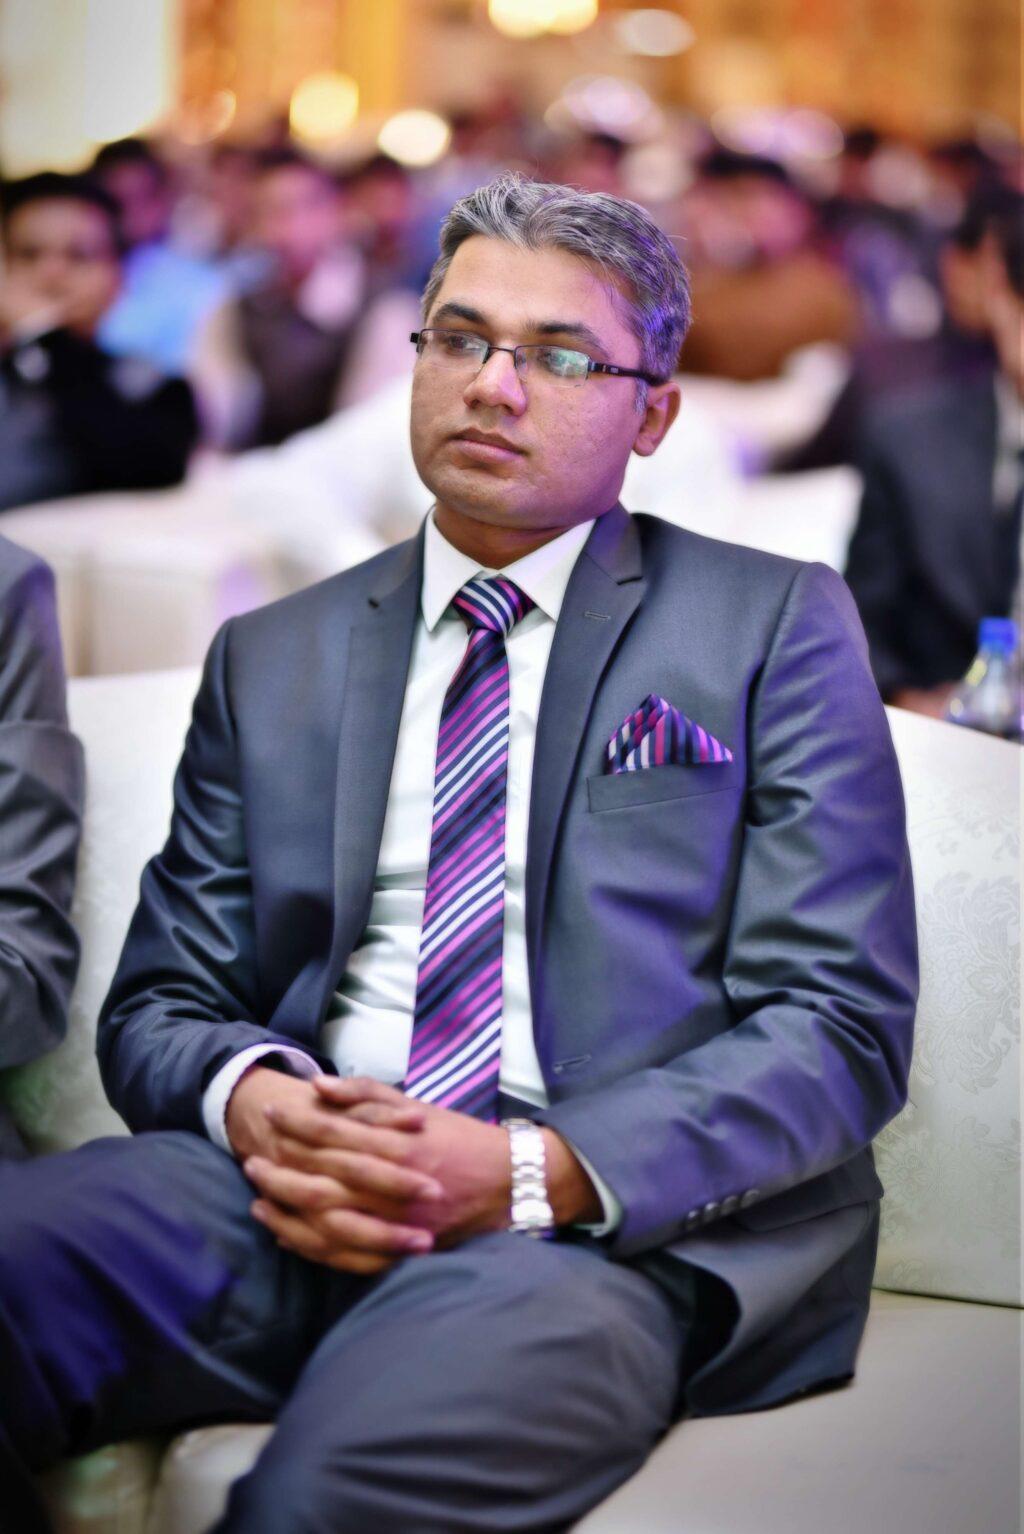 Dr Mohsin Khurshid